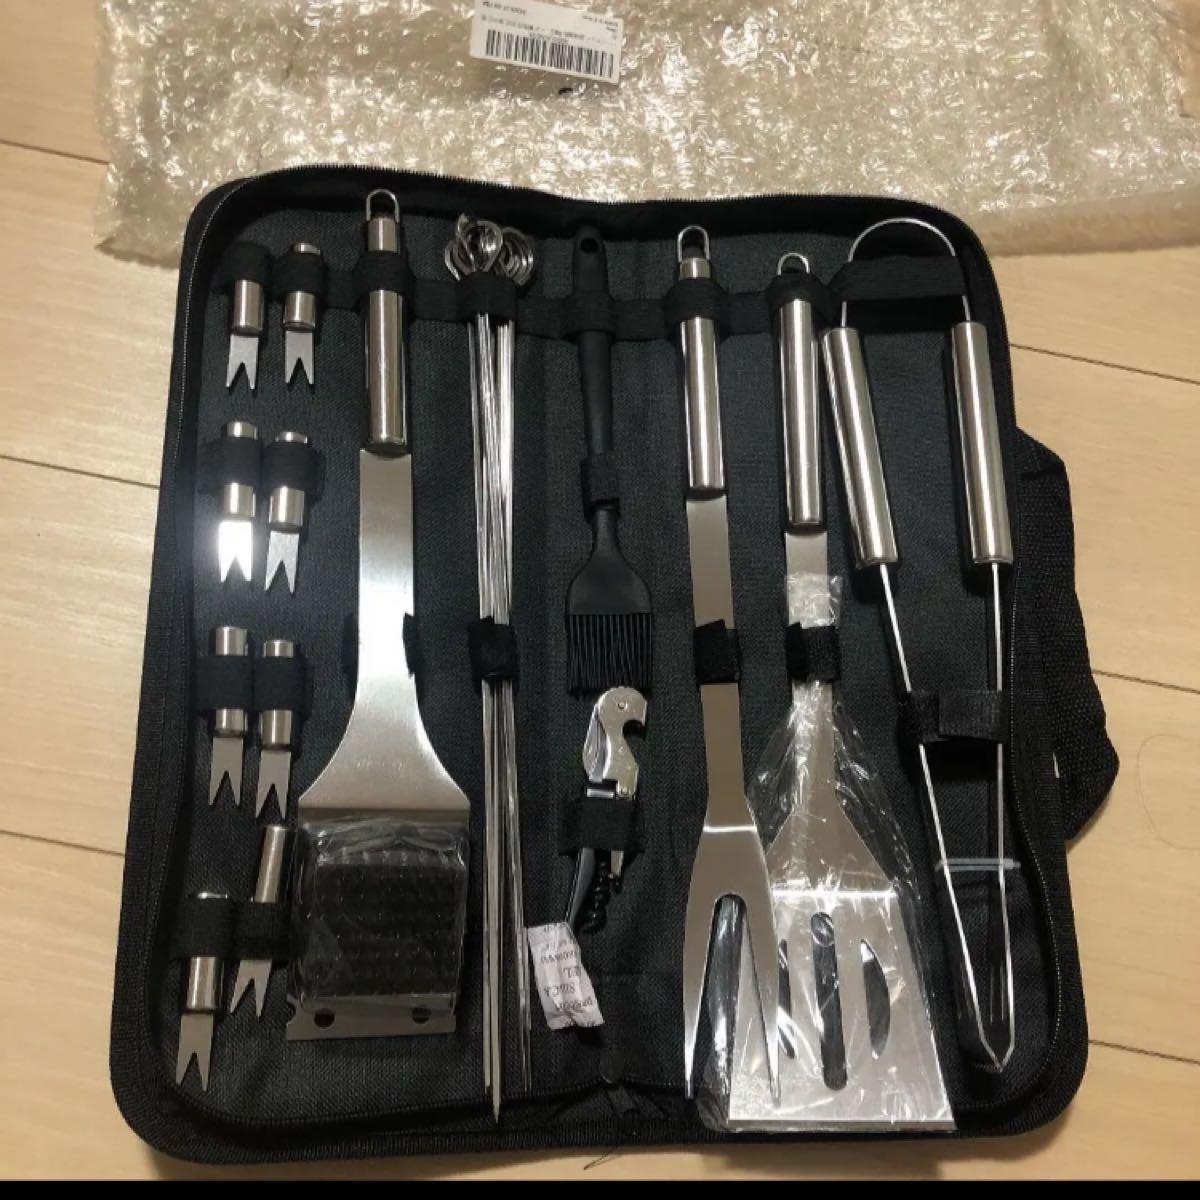 バーベキュー 調理器具BBQ セット クッキングツール キャンプ用品